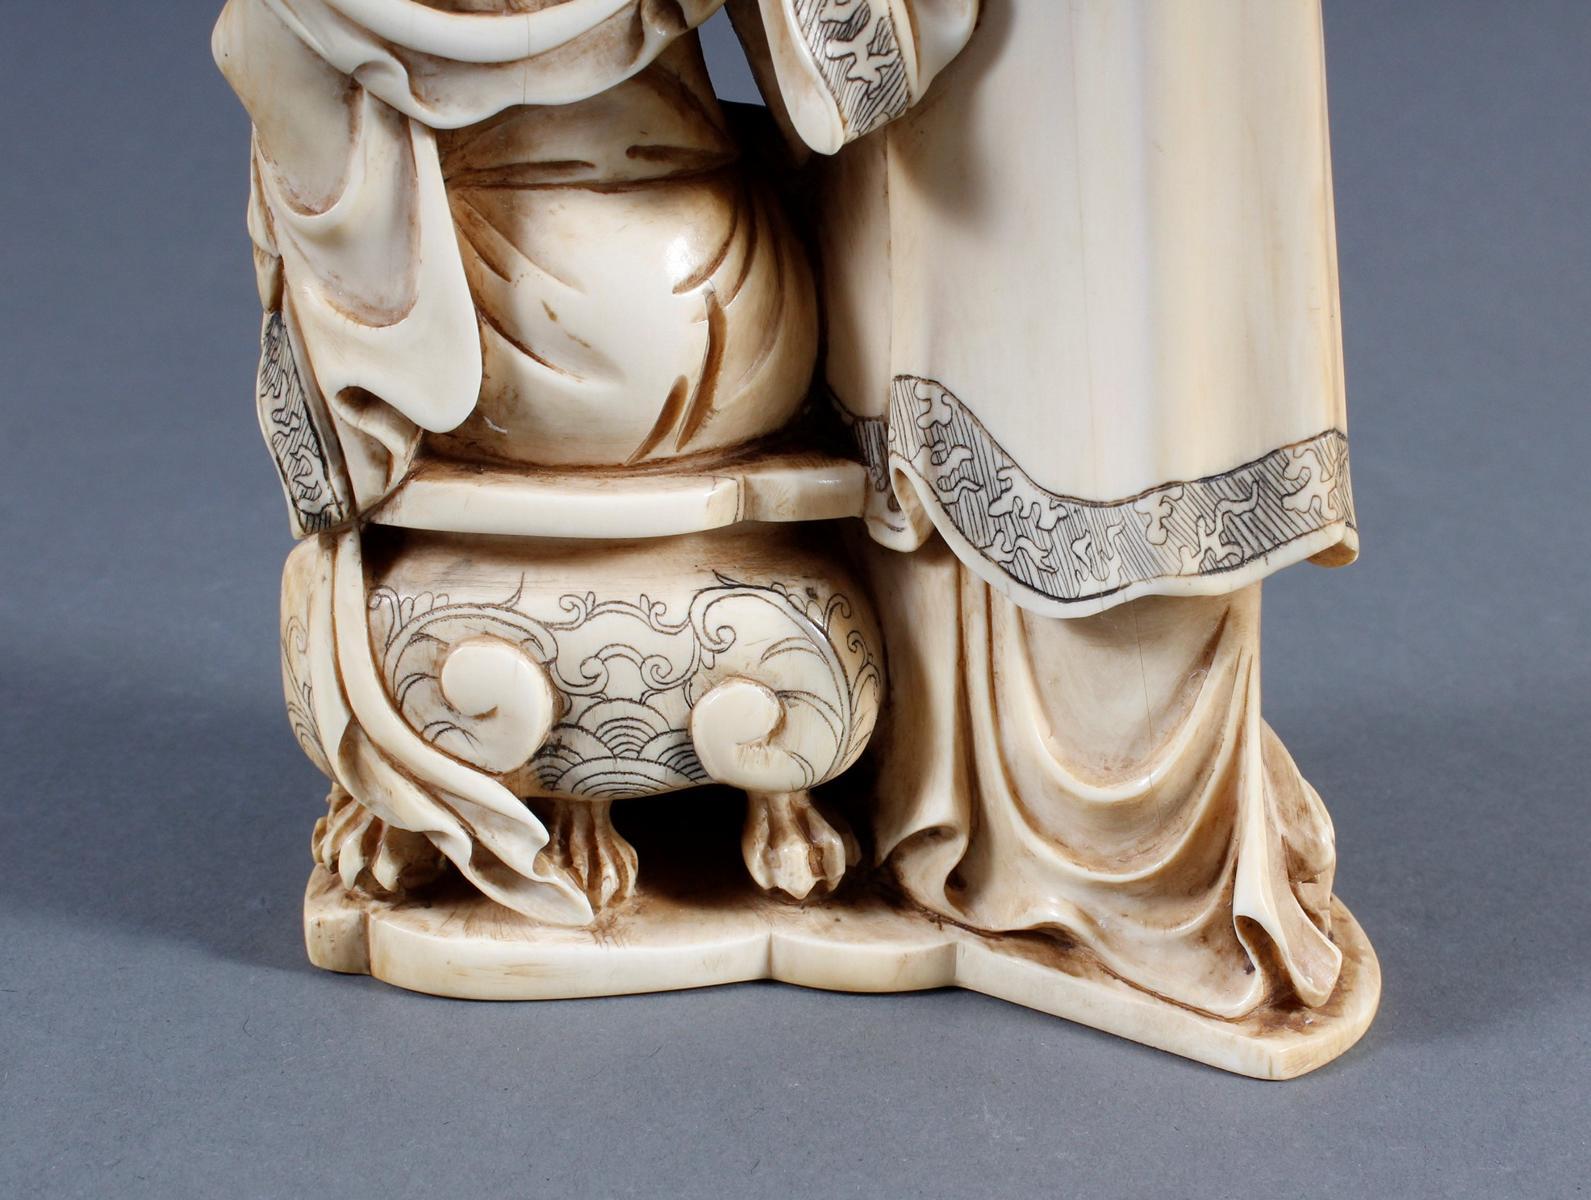 """Elfenbeinskulptur """"Hofdamen"""" detailreiche Schnitzerei, China 19. Jahrhundert-9"""